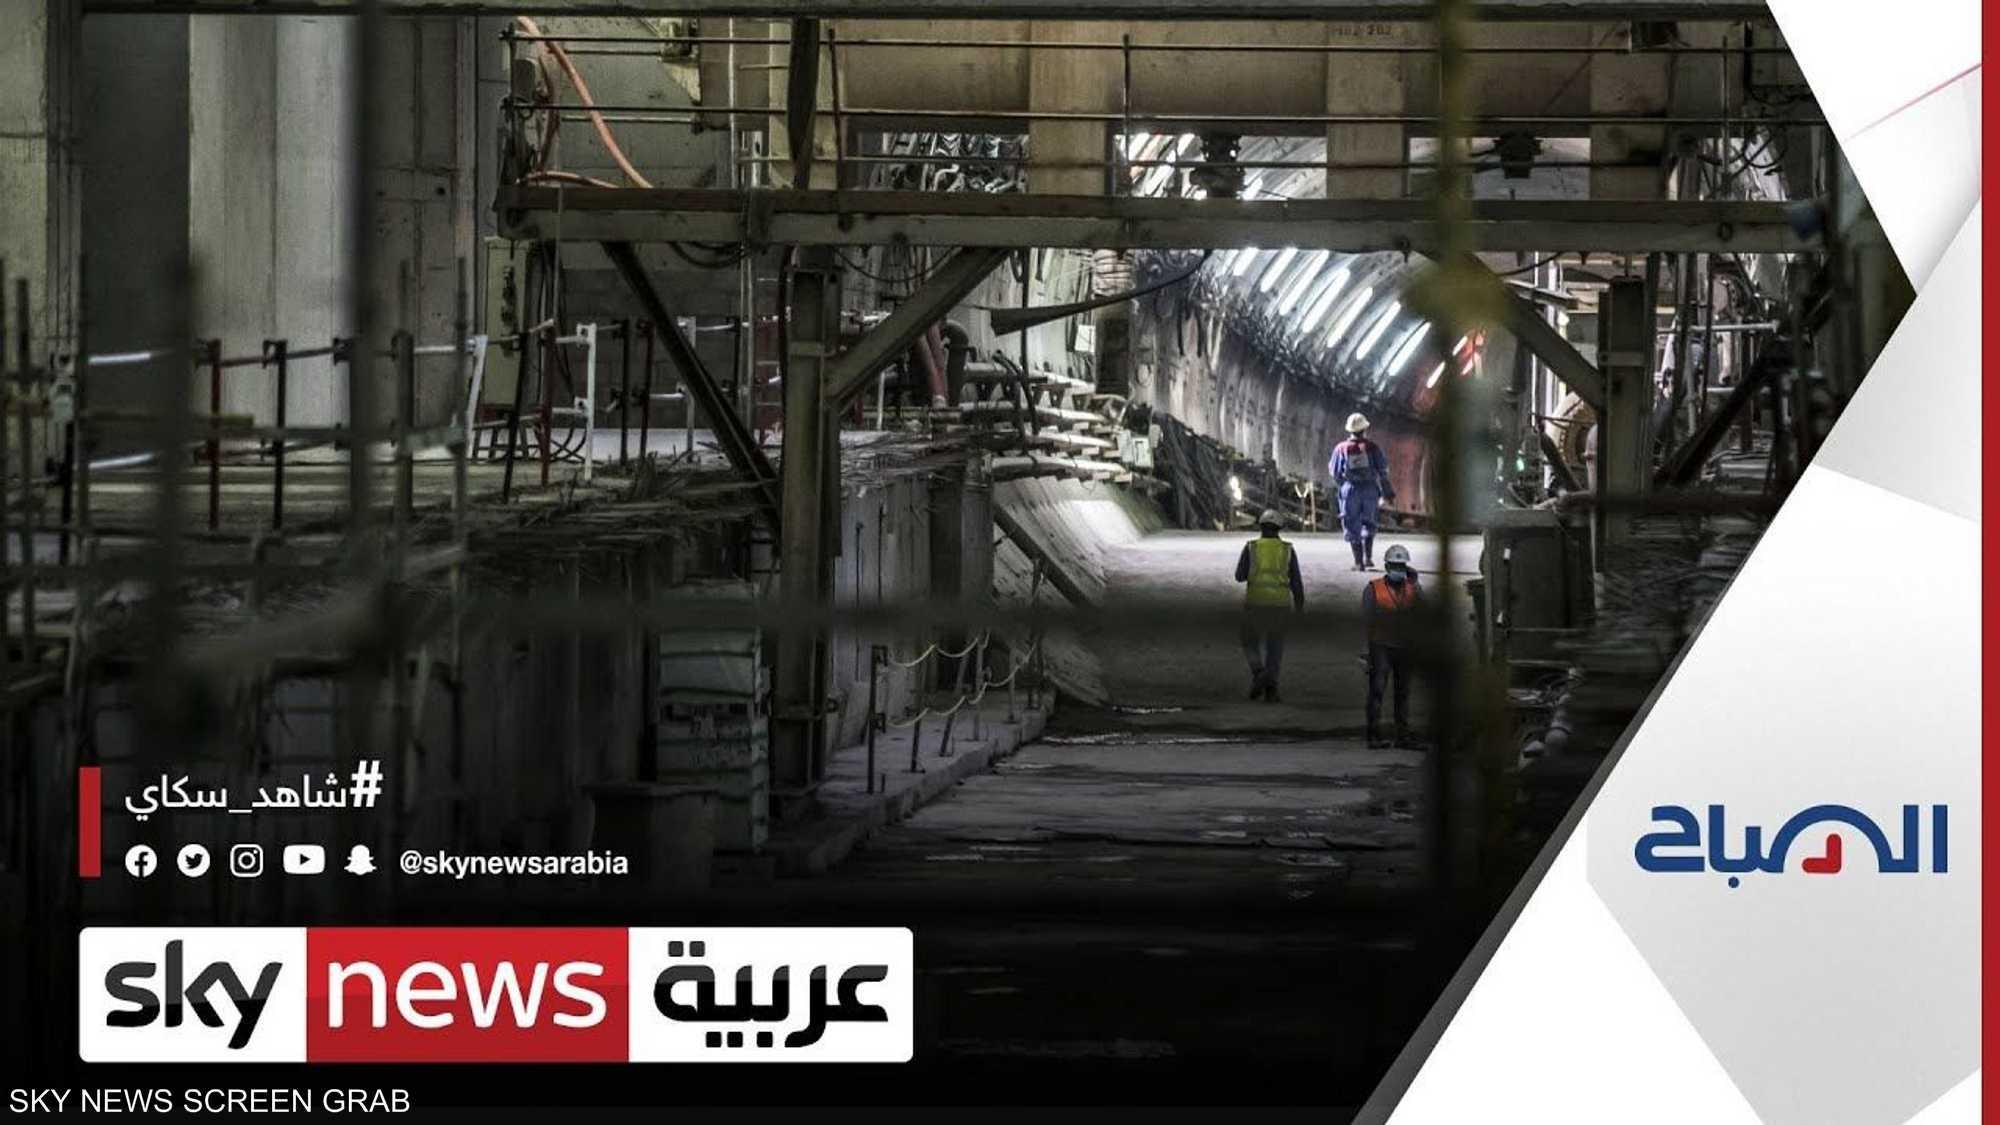 كيف حقق اقتصاد مصر أرقام نمو إيجابية رغم أزمة كورونا؟